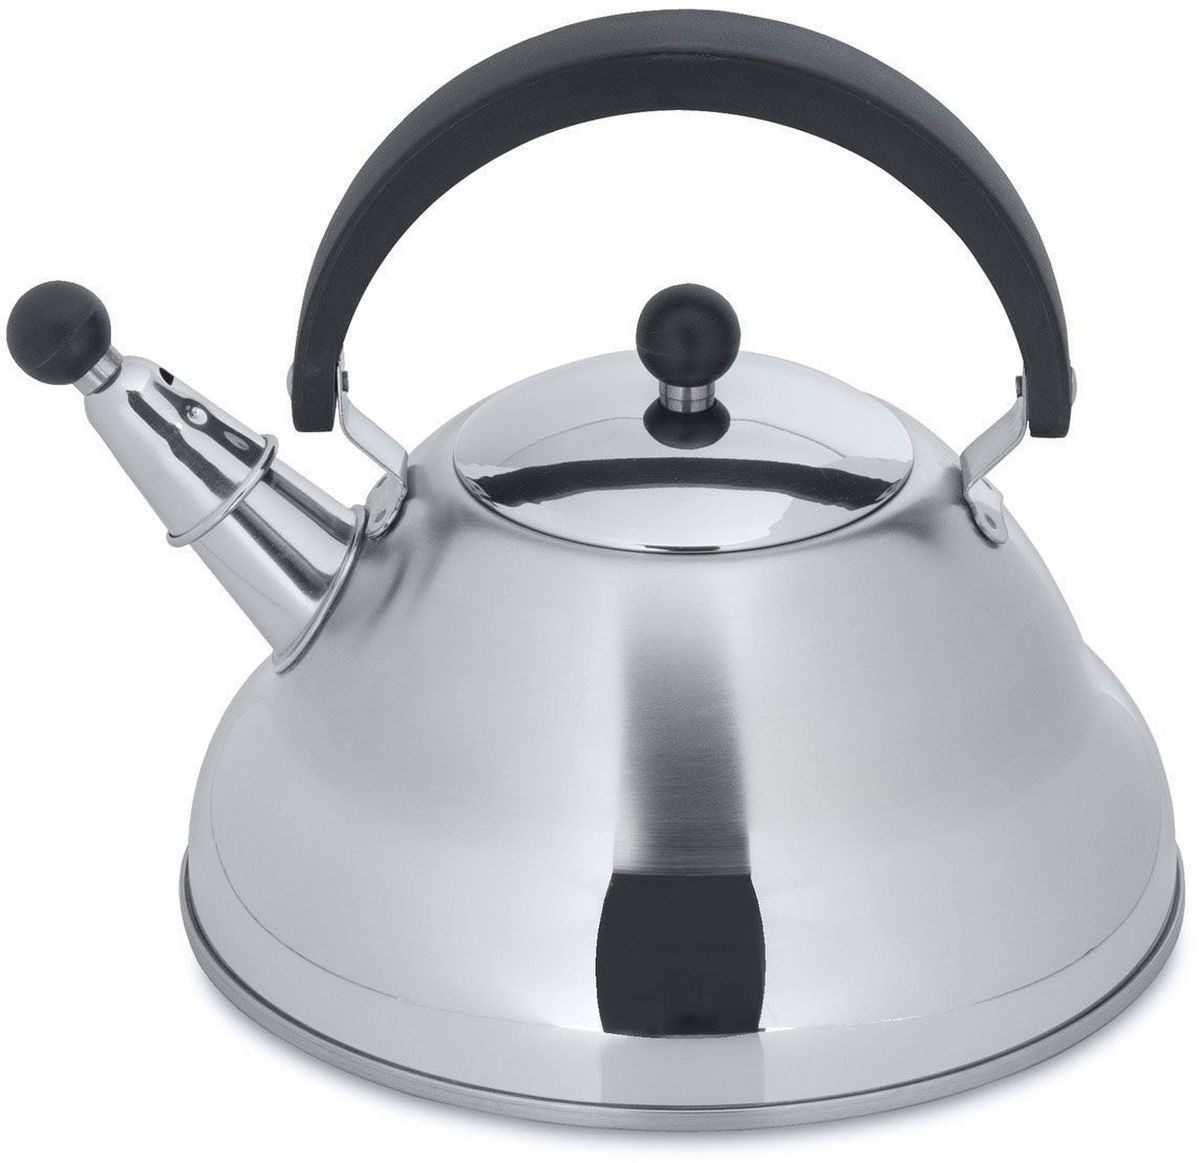 Чайник BergHOFF Studio. Melody, со свистком, 2,6 л1104133Чайник BergHOFF Studio. Melody изготовлен из высококачественной нержавеющей стали 18/10, которая обладает бактериостатическими свойствами. Эргономичная ручка из бакелита делает использование чайника очень удобным и безопасным. Носик чайника имеет насадку-свисток, что позволит контролировать процесс подогрева или кипячения воды. Термокапсульное дно при кипячении сохраняет все полезные свойства воды.Подходит для всех типов плит, включая индукционные. Можно мыть в посудомоечной машине.